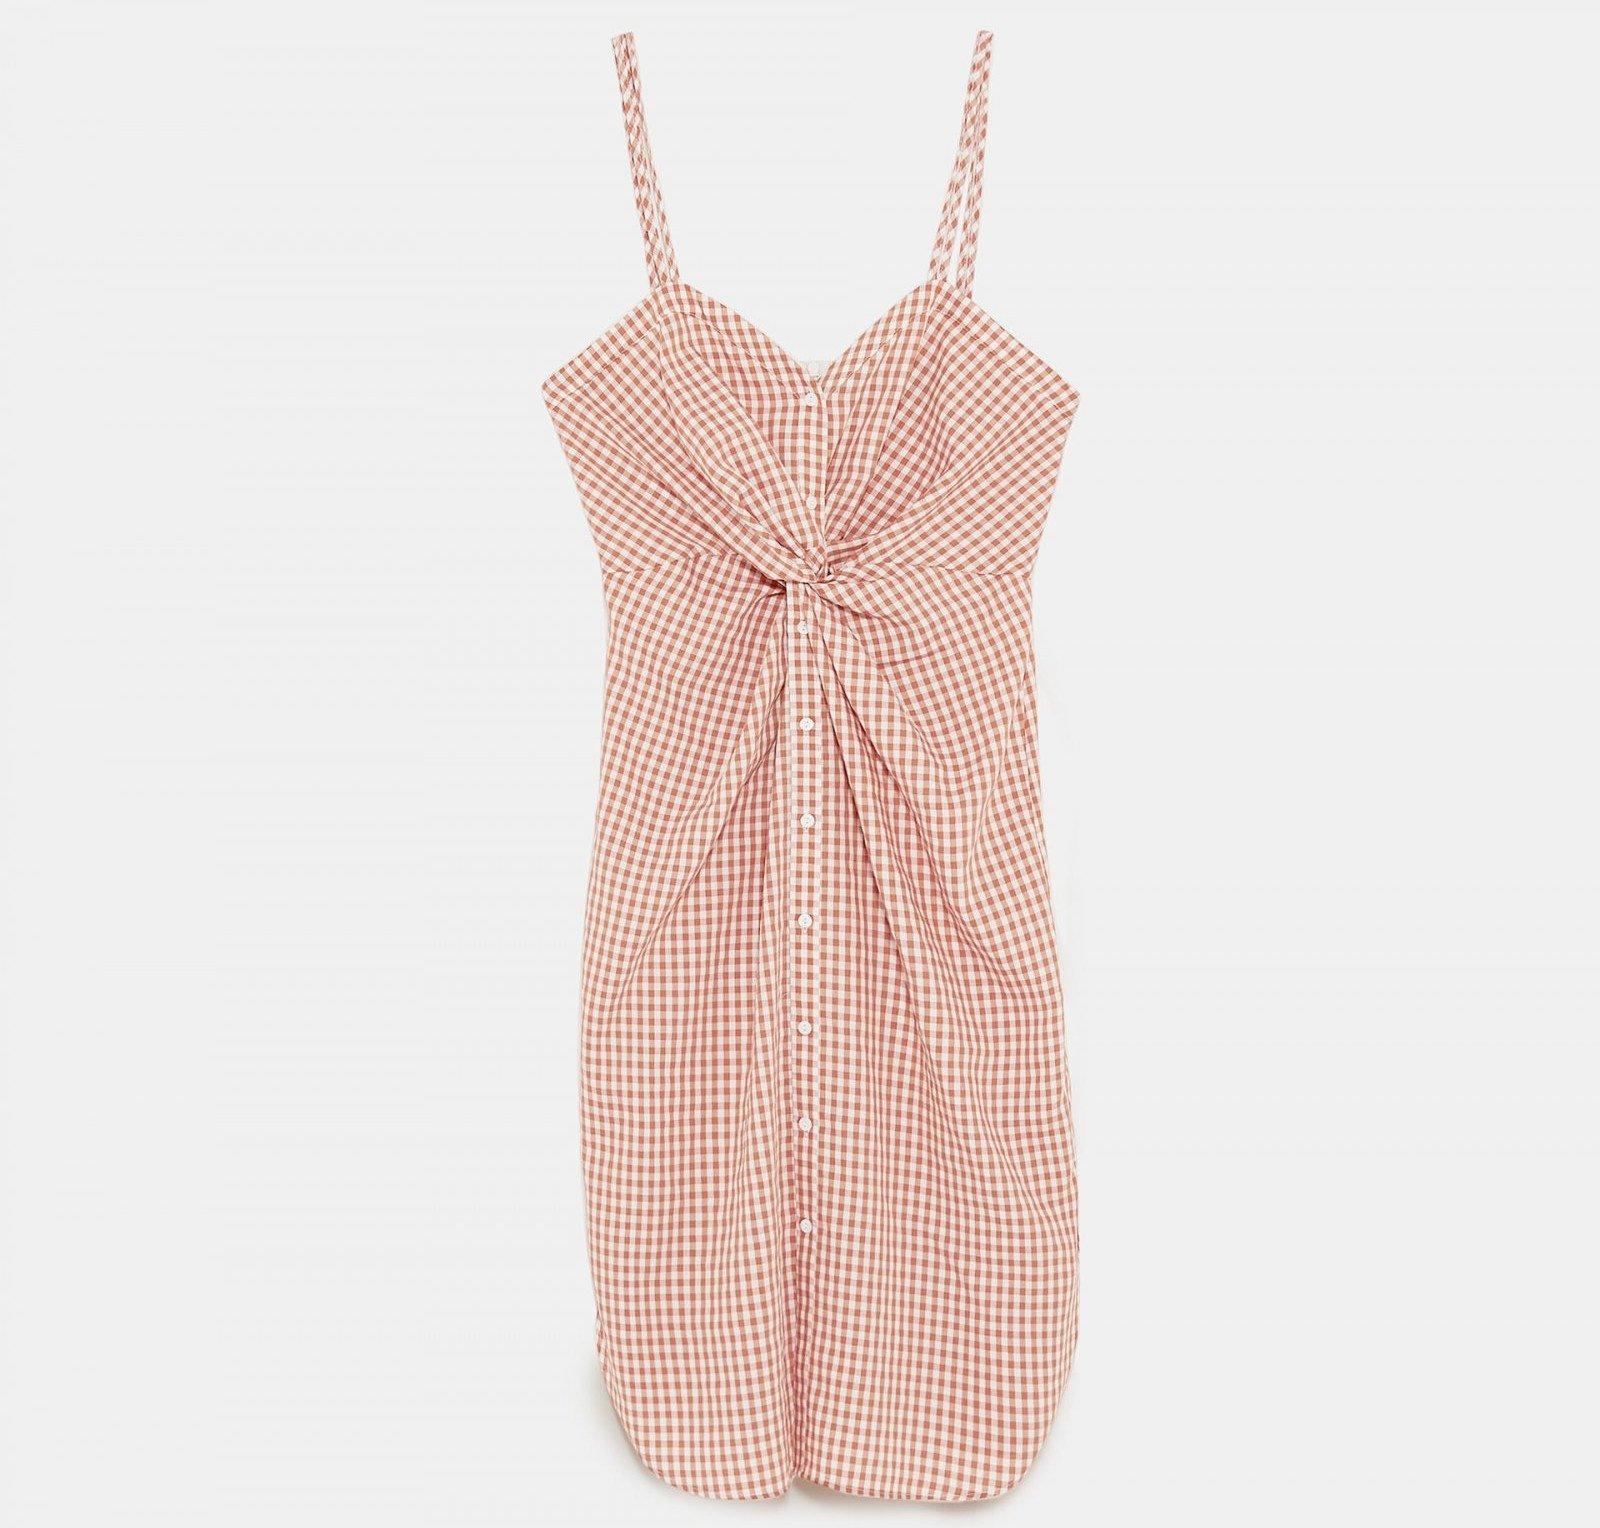 Vestido cuadros nudo de Zara, por 39,95 euros.